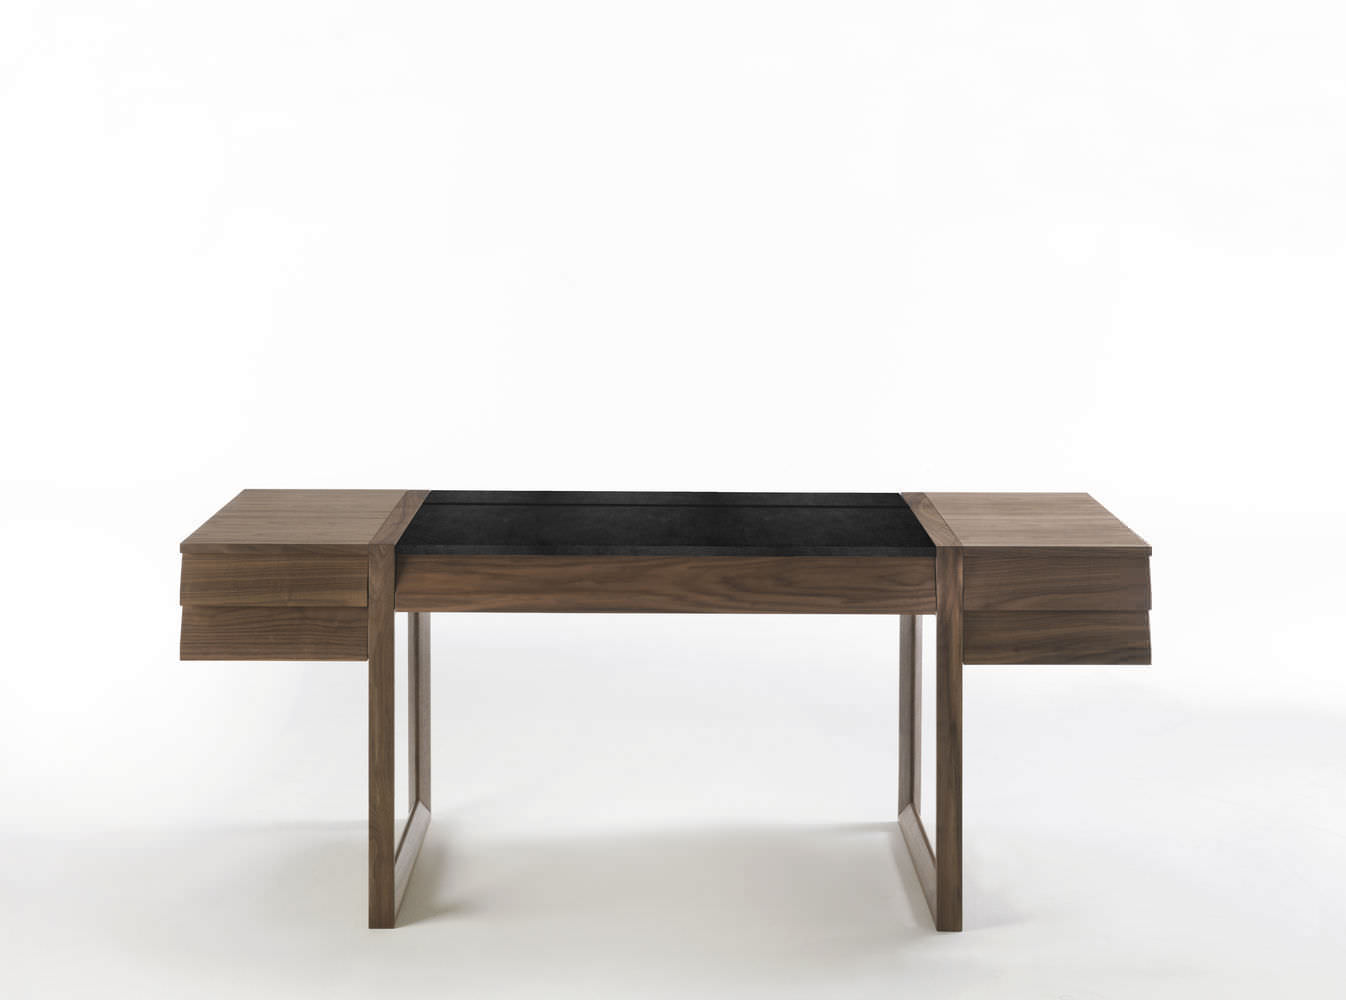 Bureau en bois en cuir contemporain elle ecrit by jamie durie